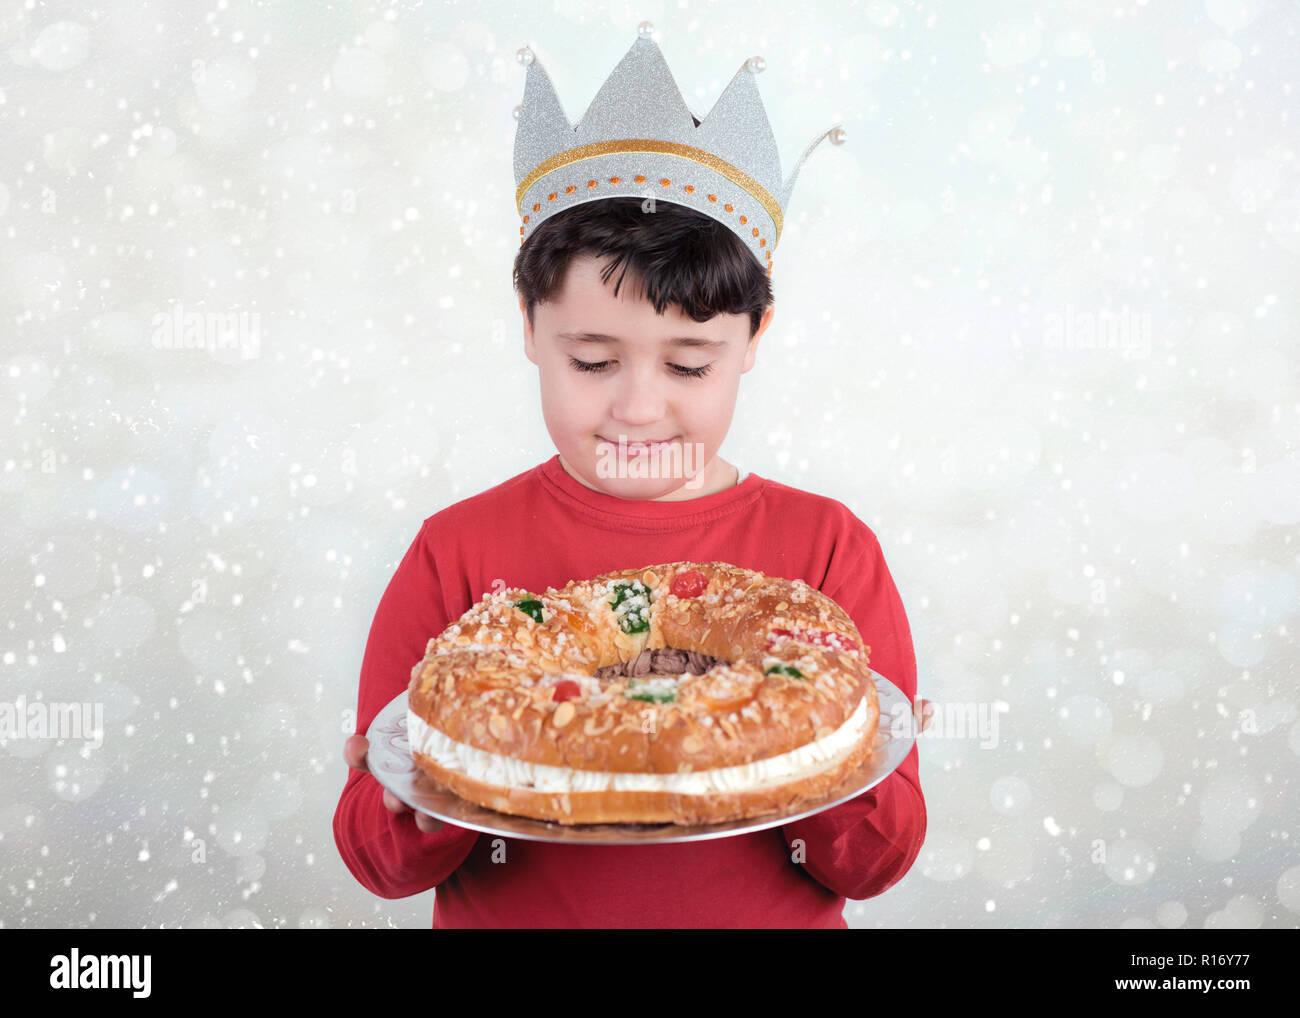 Postres Para Una Feliz Navidad.Nino Feliz Con El Rey Pastel Tipico Postre Espanol Para